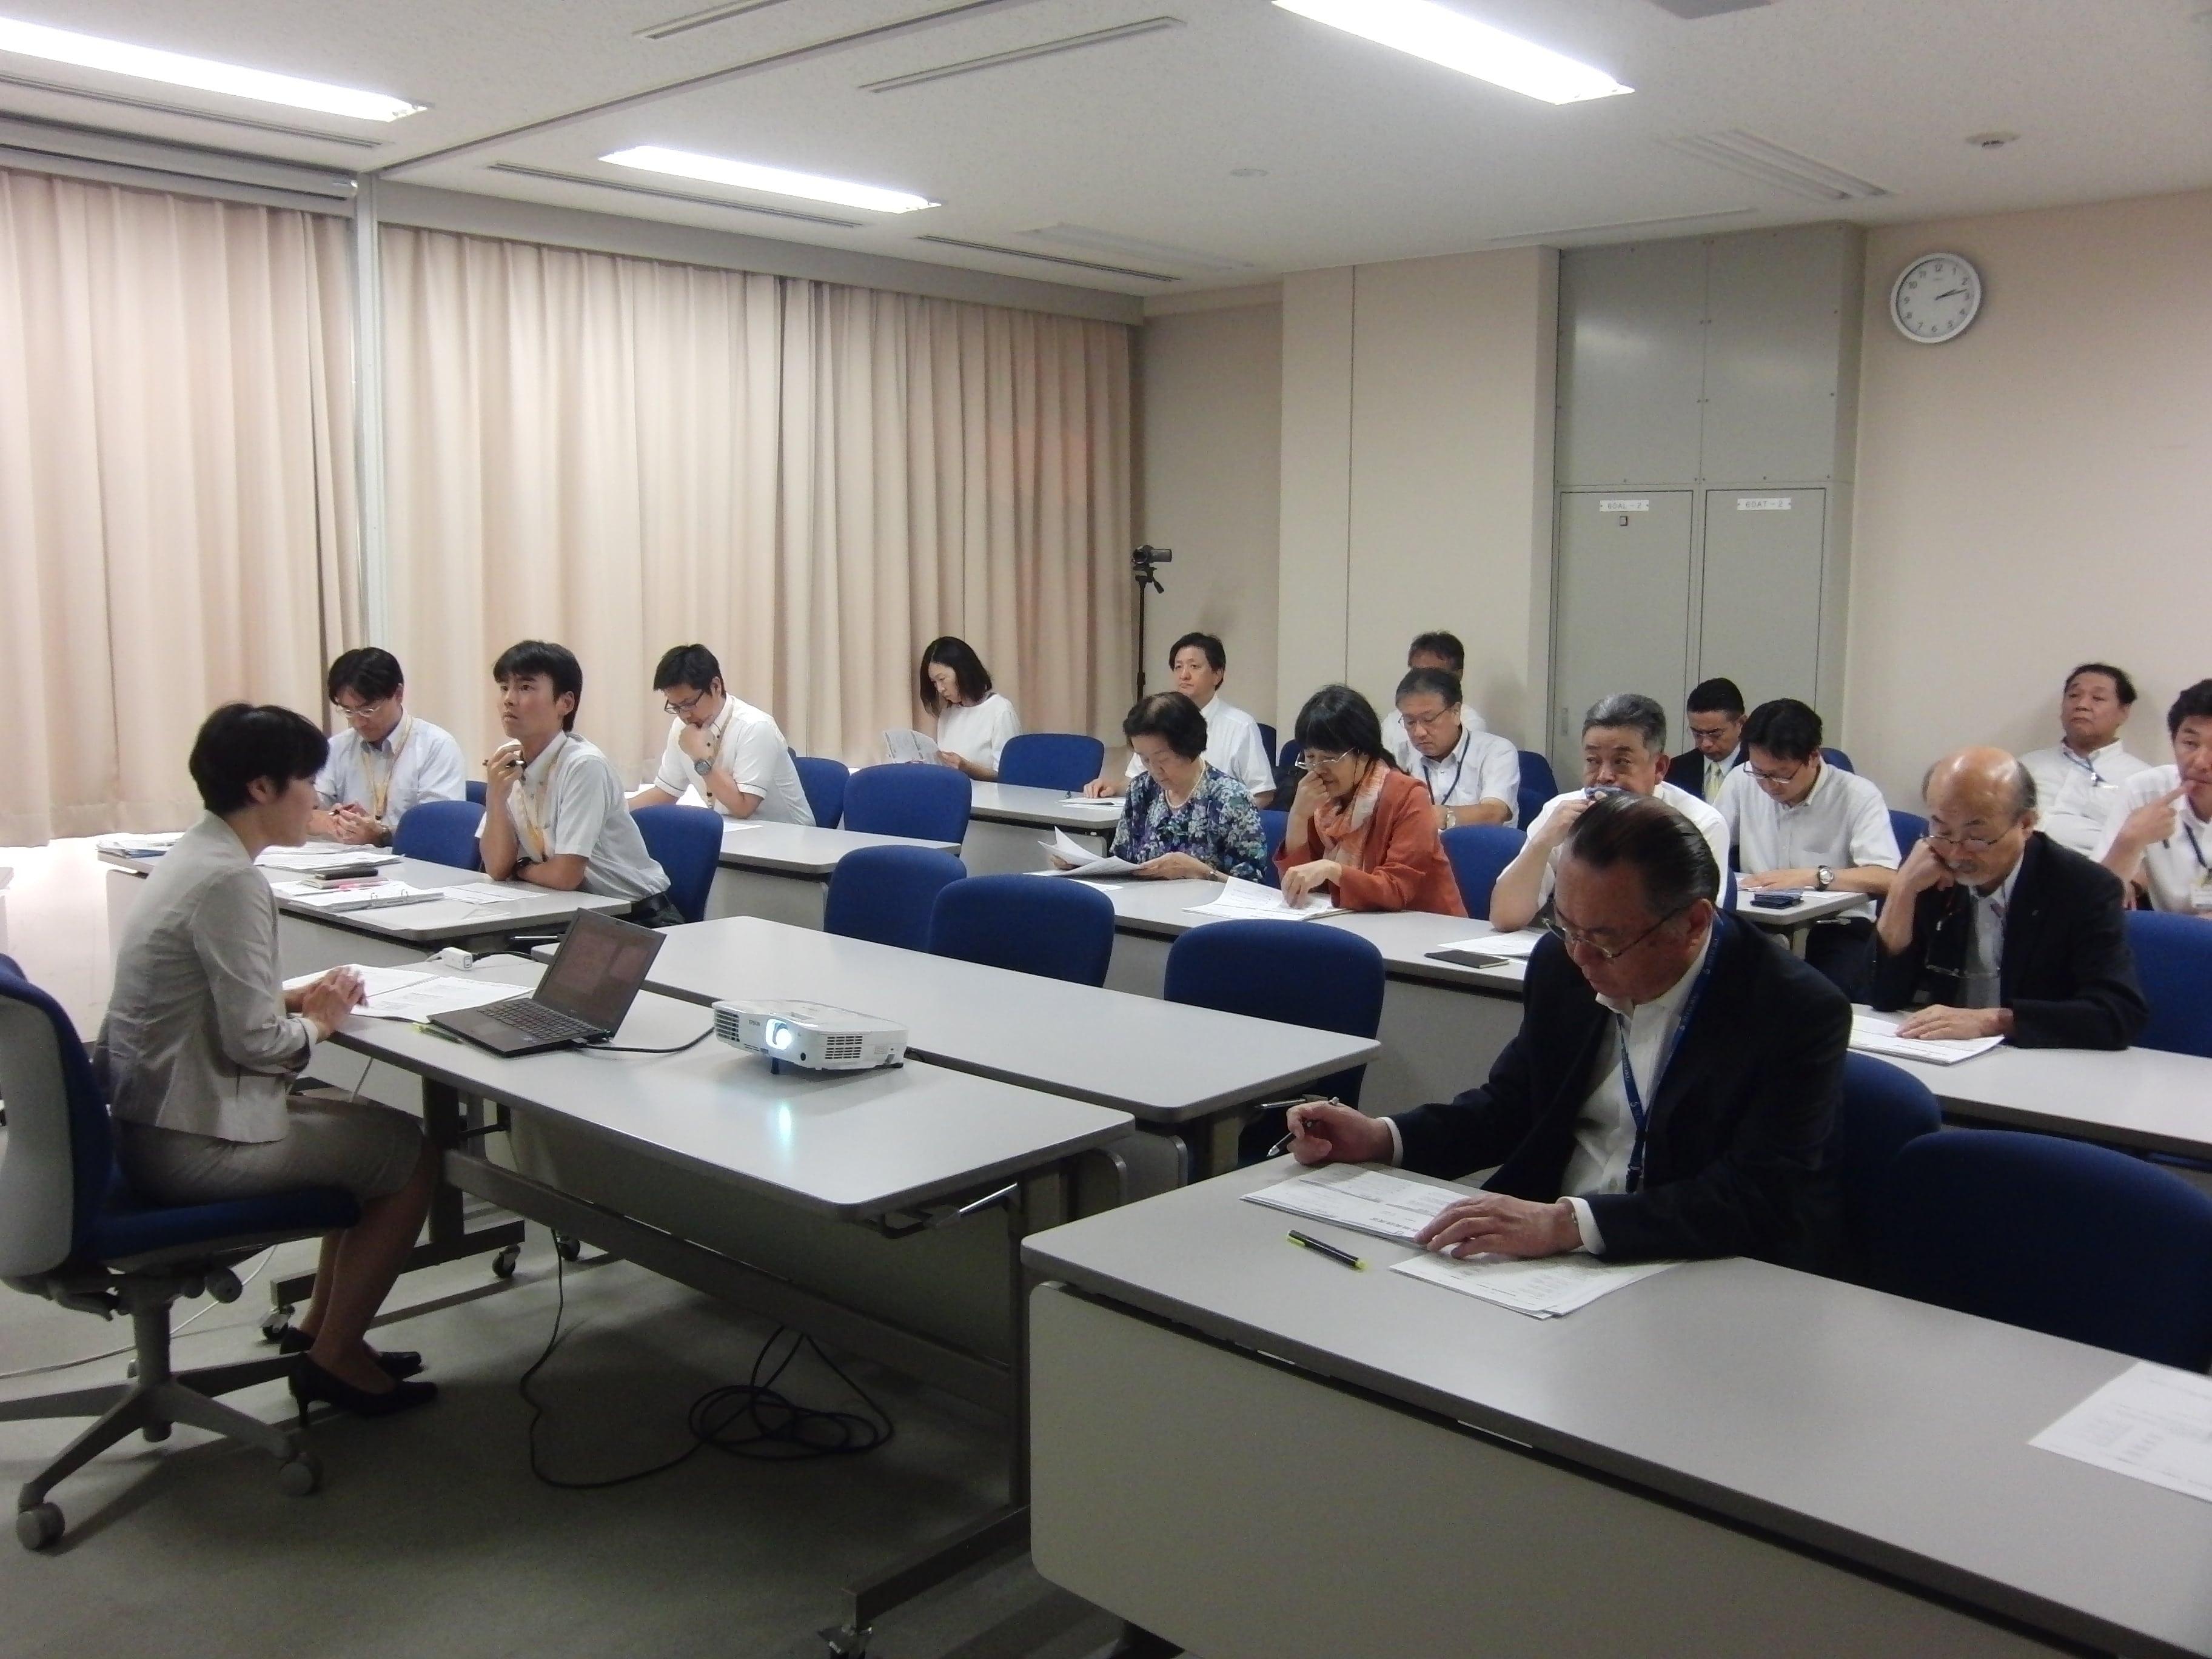 特別教職実践演習(8月期)が開催されました。